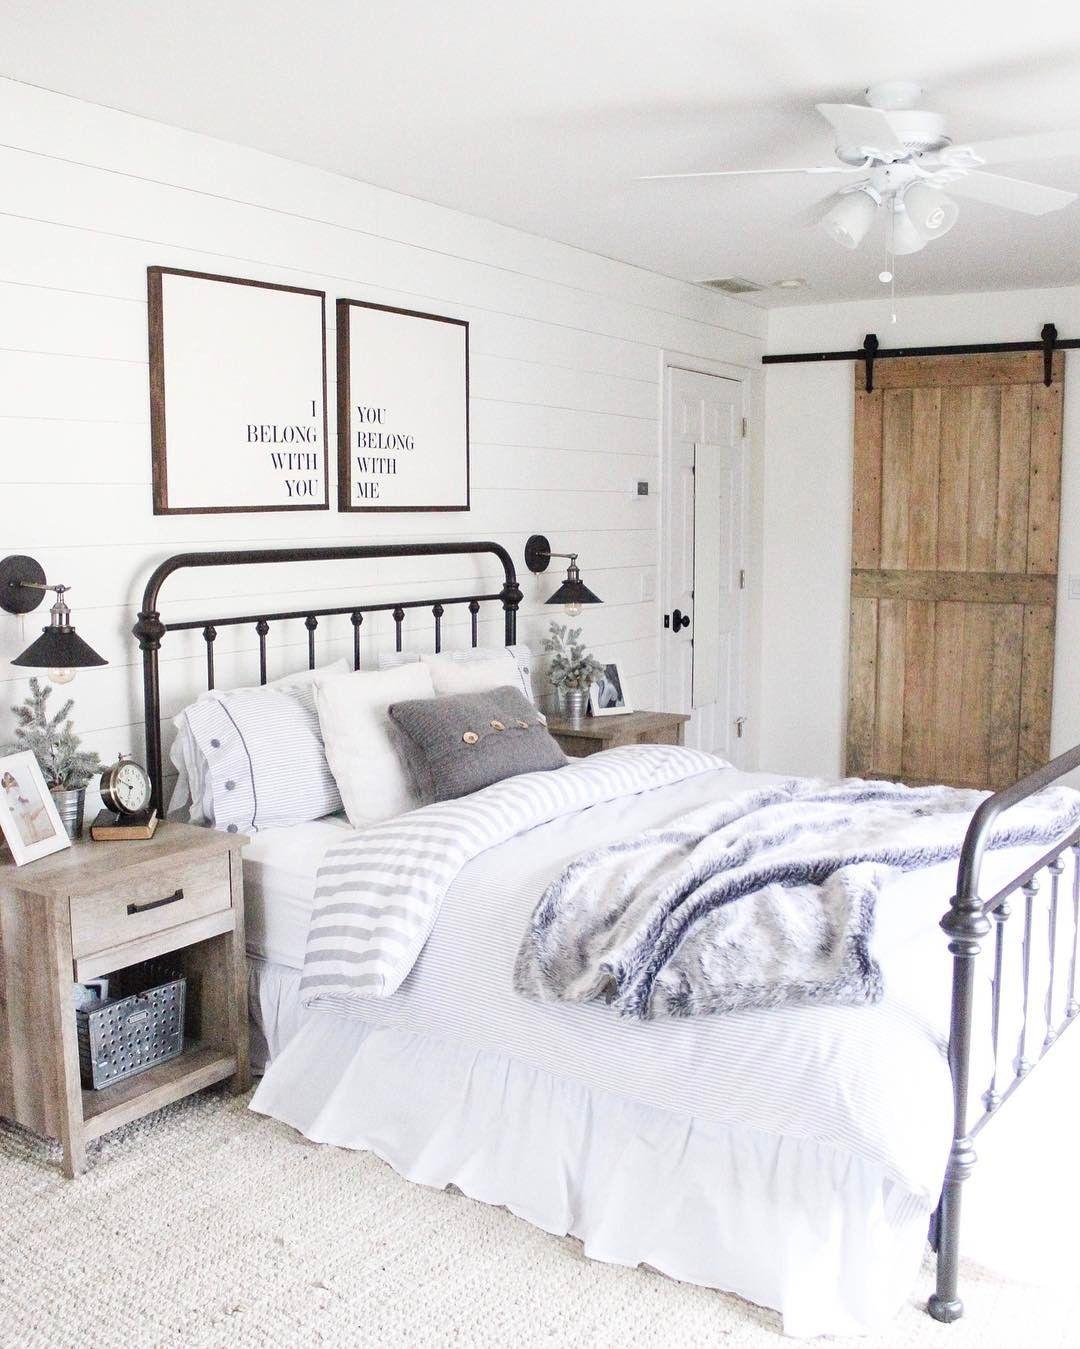 Pin de pilar olvera en habitaciones lamparas dormitorio - Decoracion interiores dormitorios ...